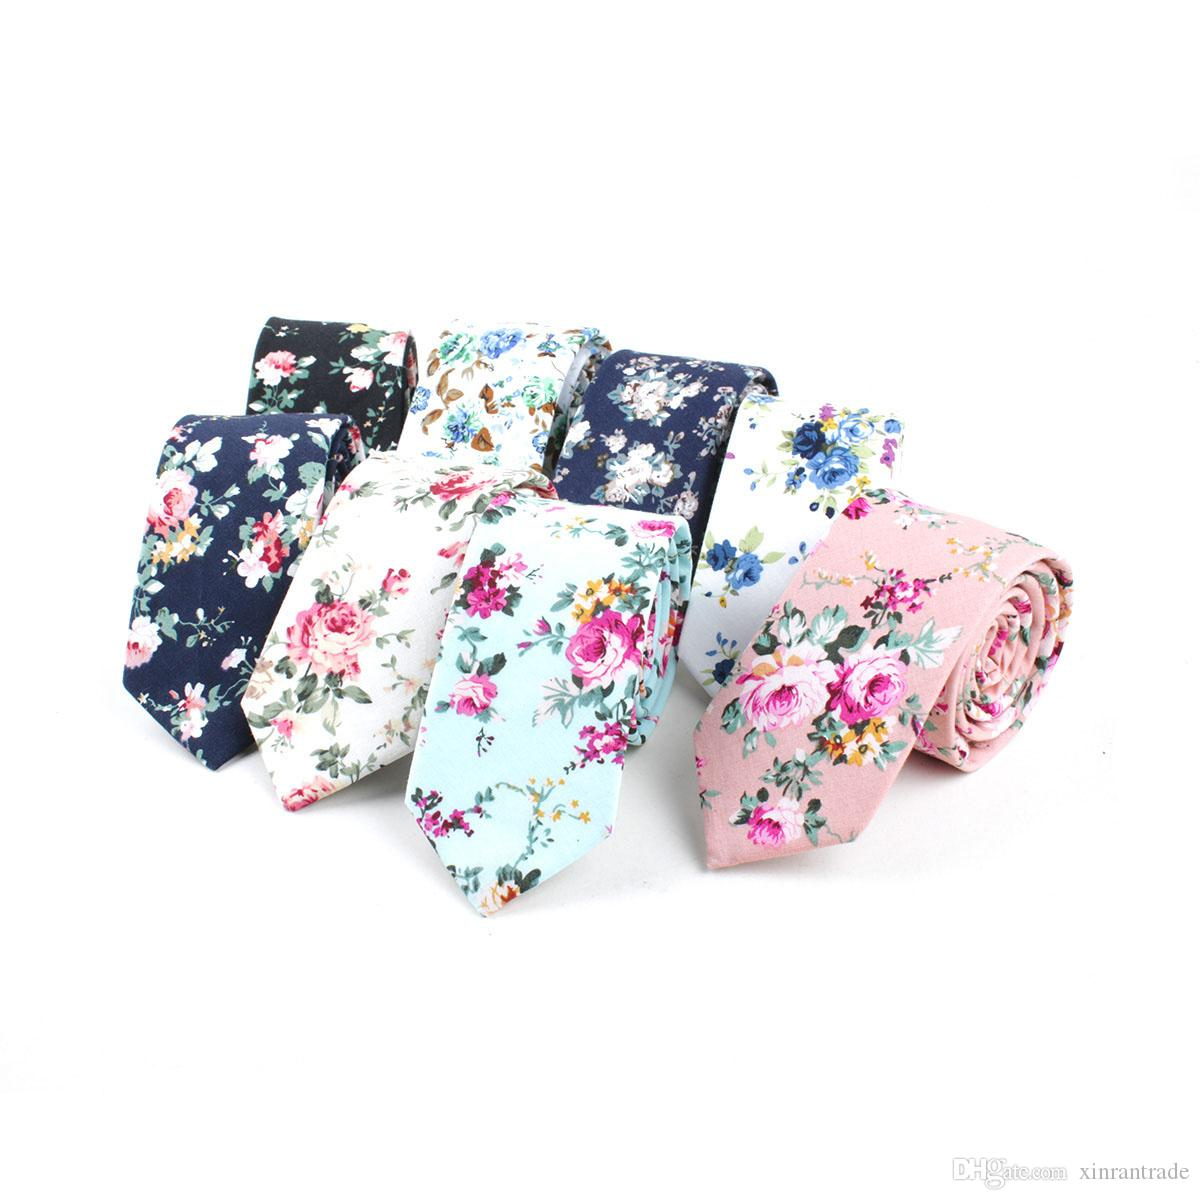 Cravate florale imprimée en coton, maigre cravates pour hommes, mariage, garçon d'honneur, fête